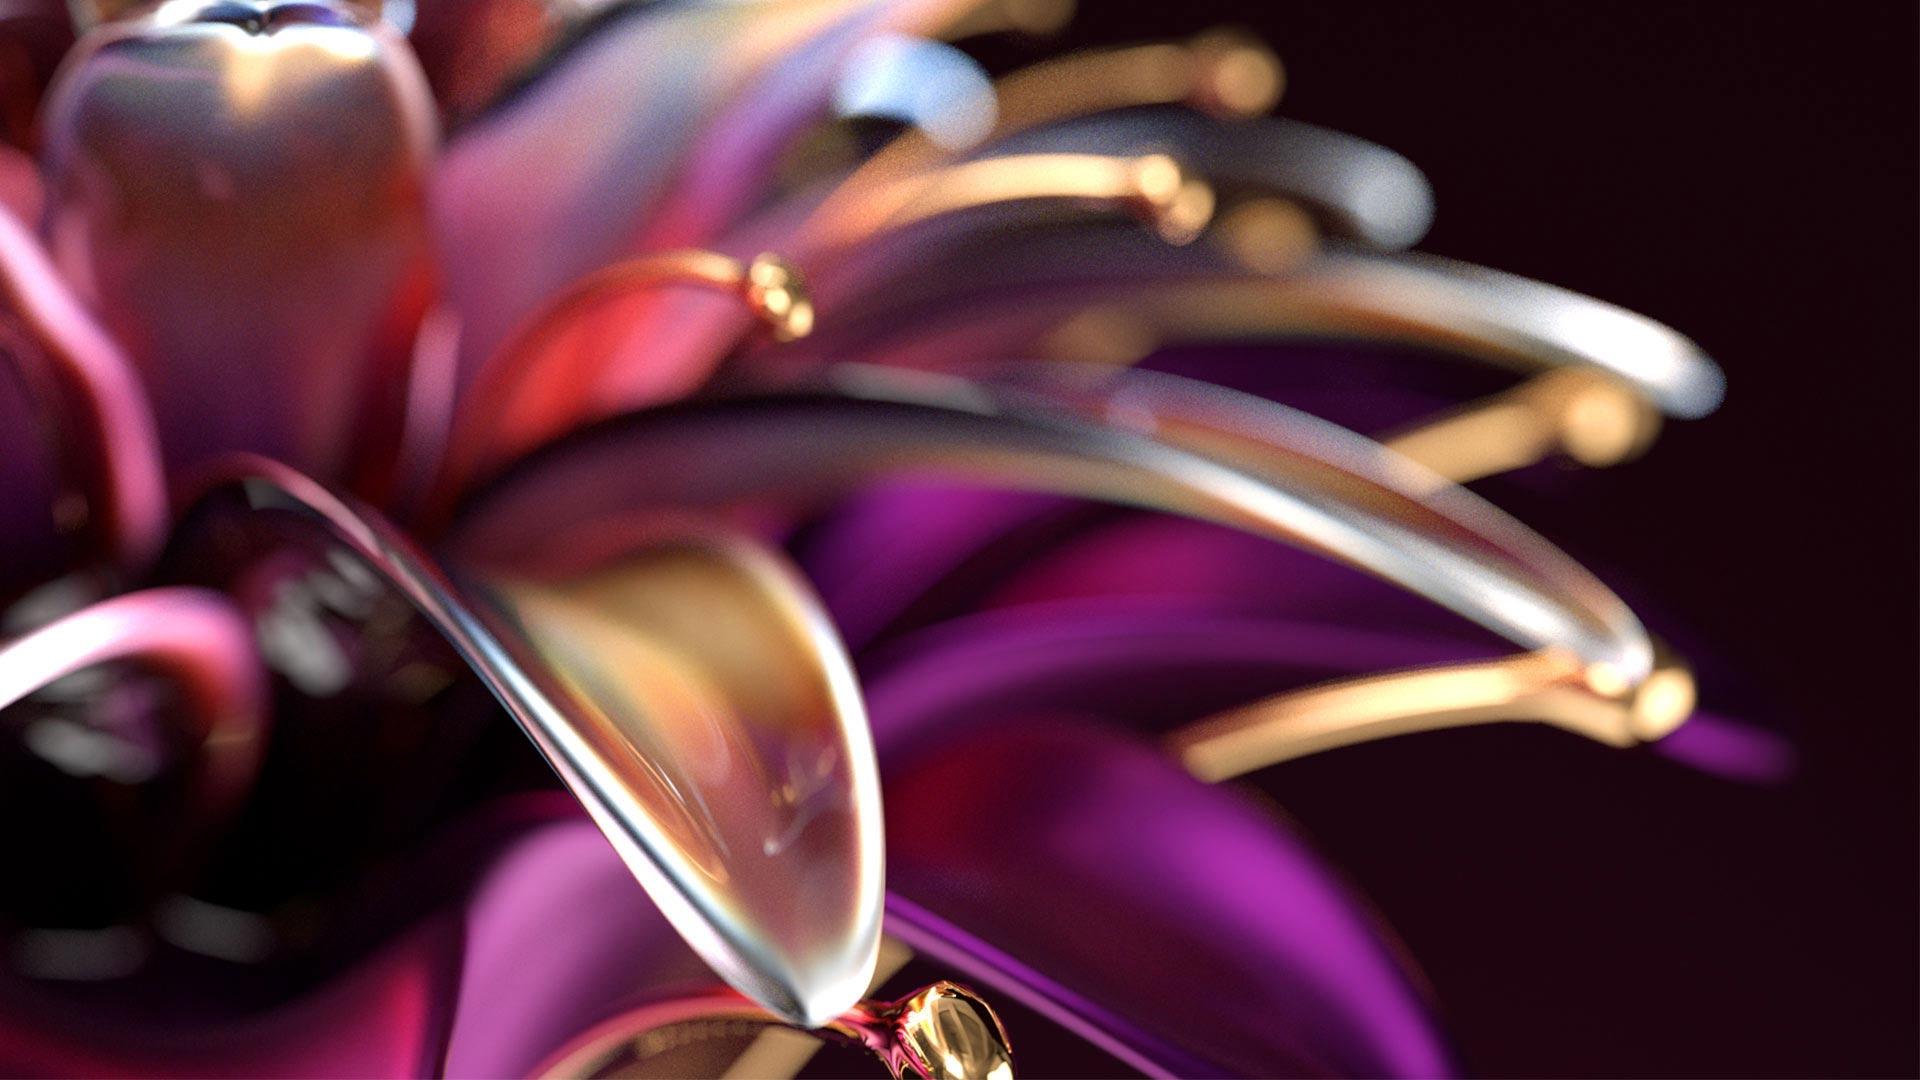 flowerline_12